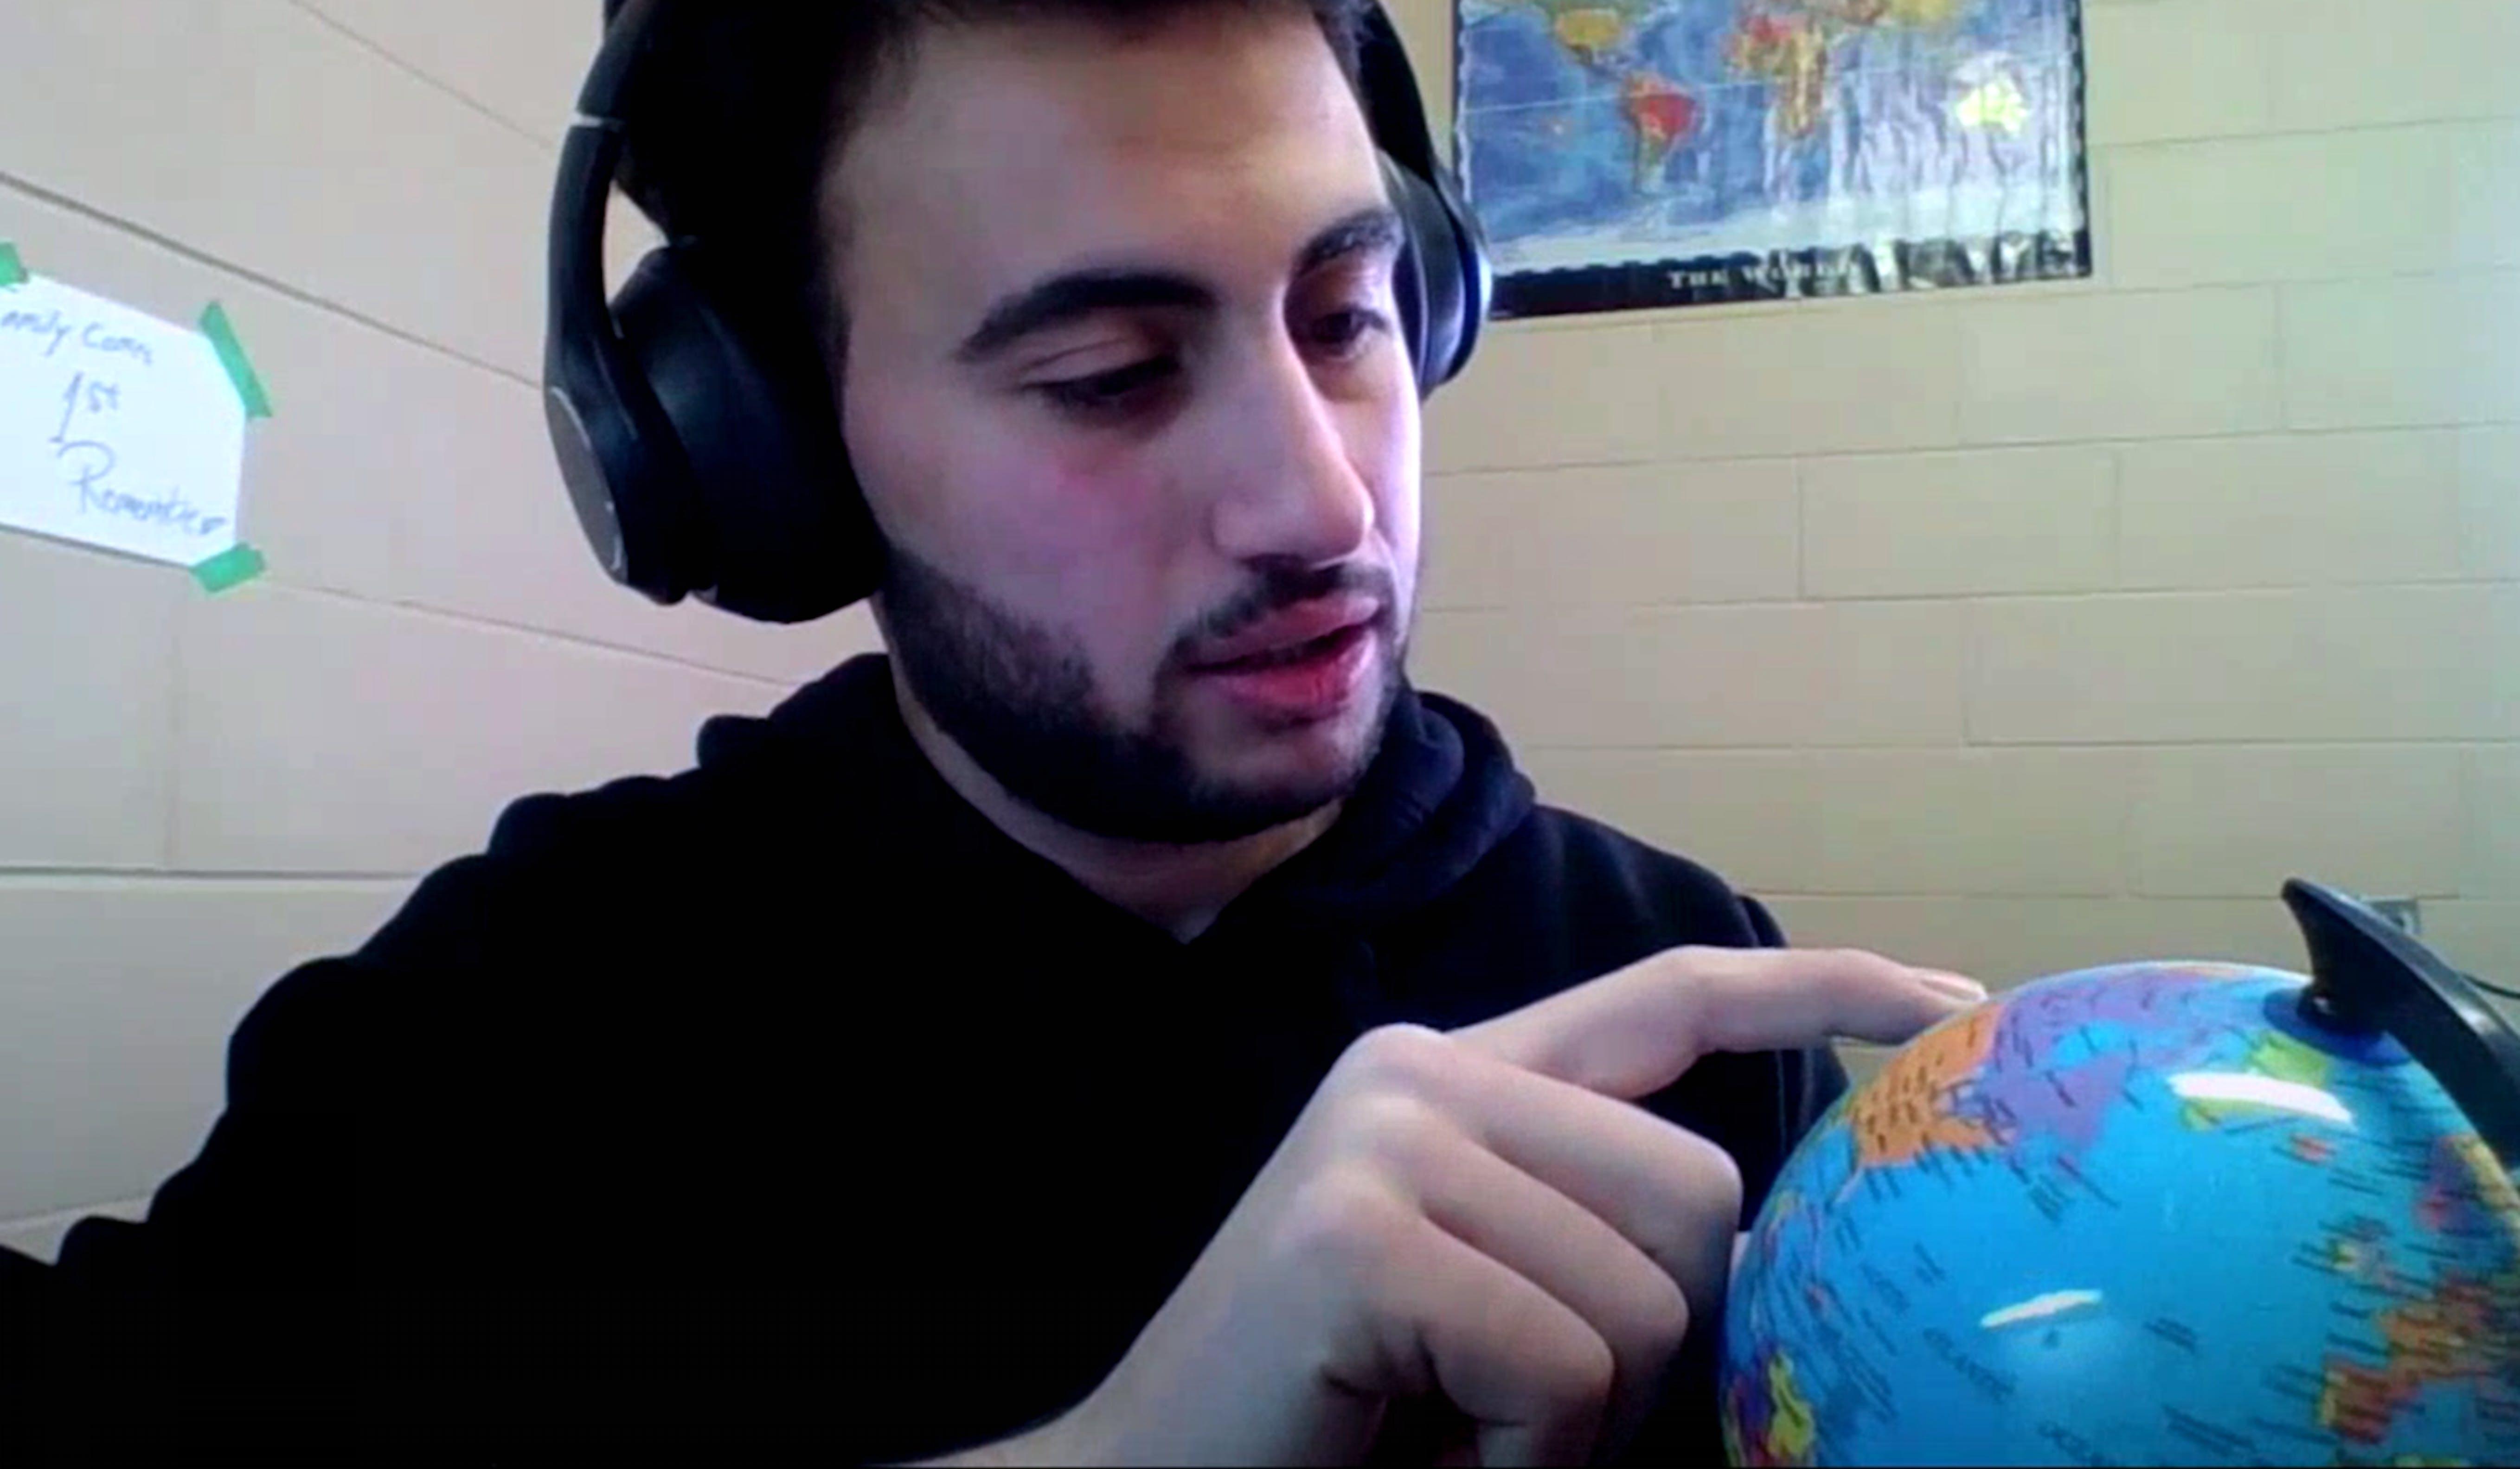 Ahmad, rifugiato in Canada, mostra il tragitto che ha compiuto dalla Siria